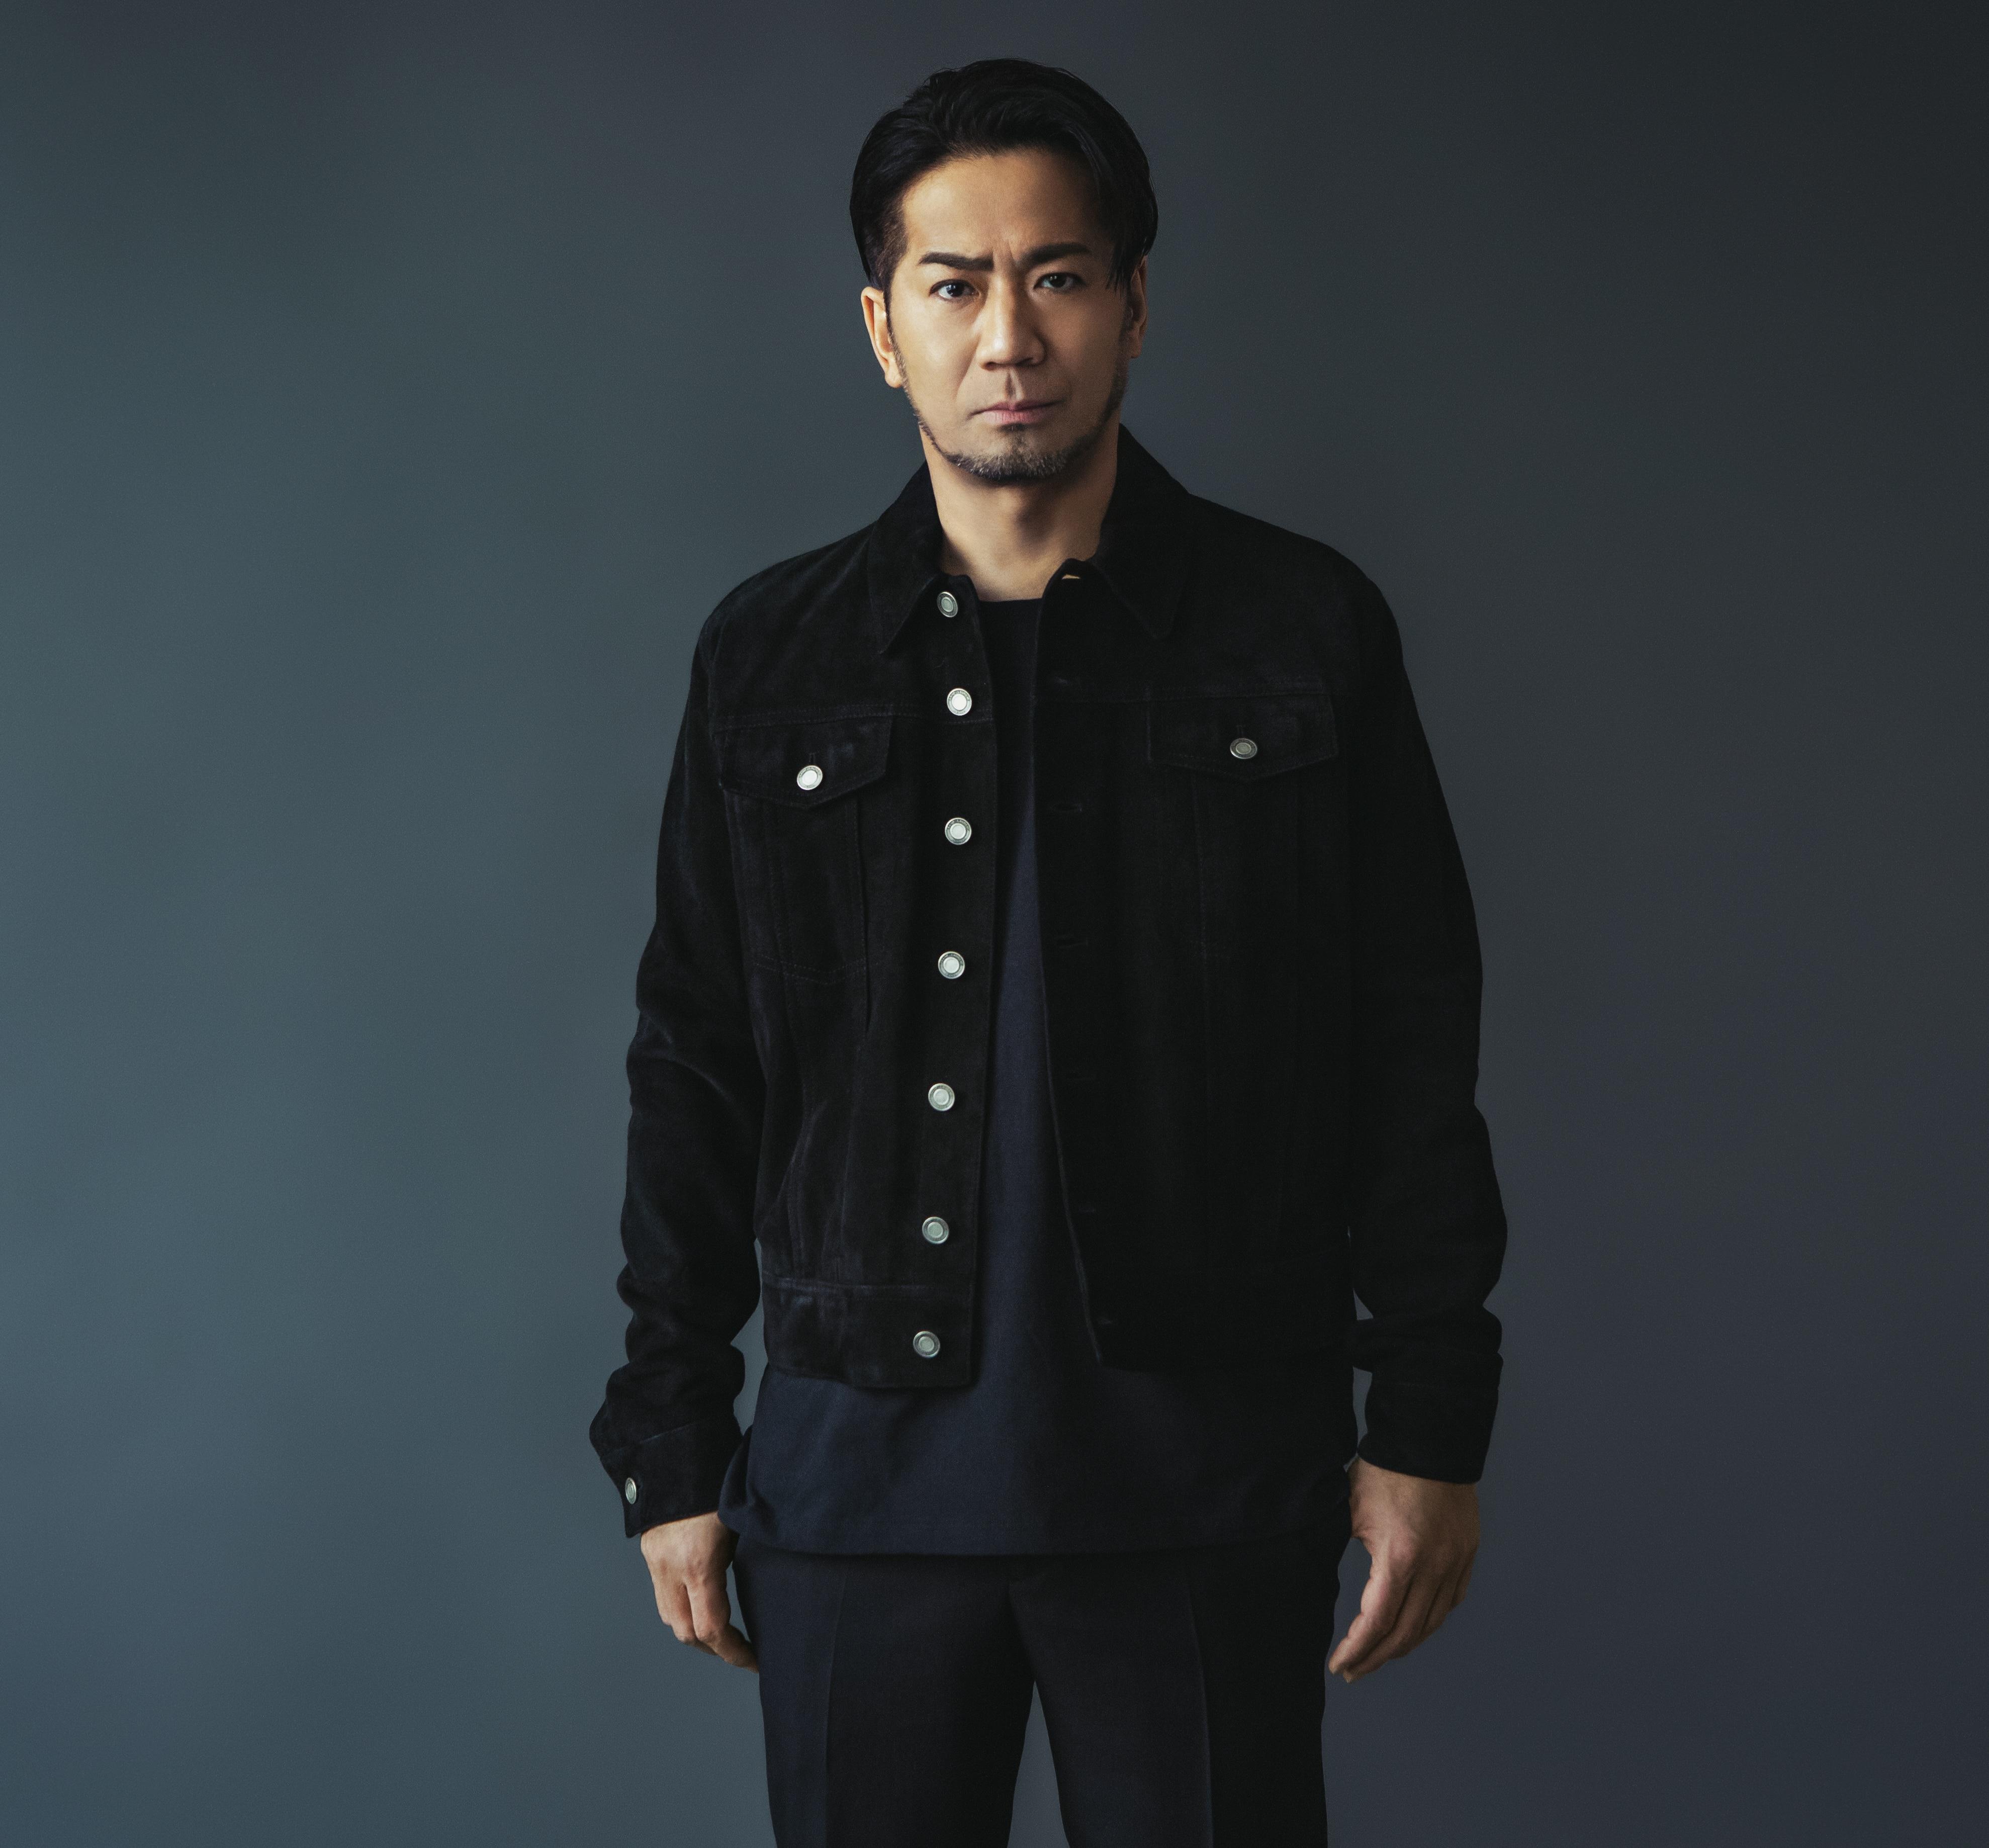 日本の人気アーティストEXILLEの現在のメンバー紹介!